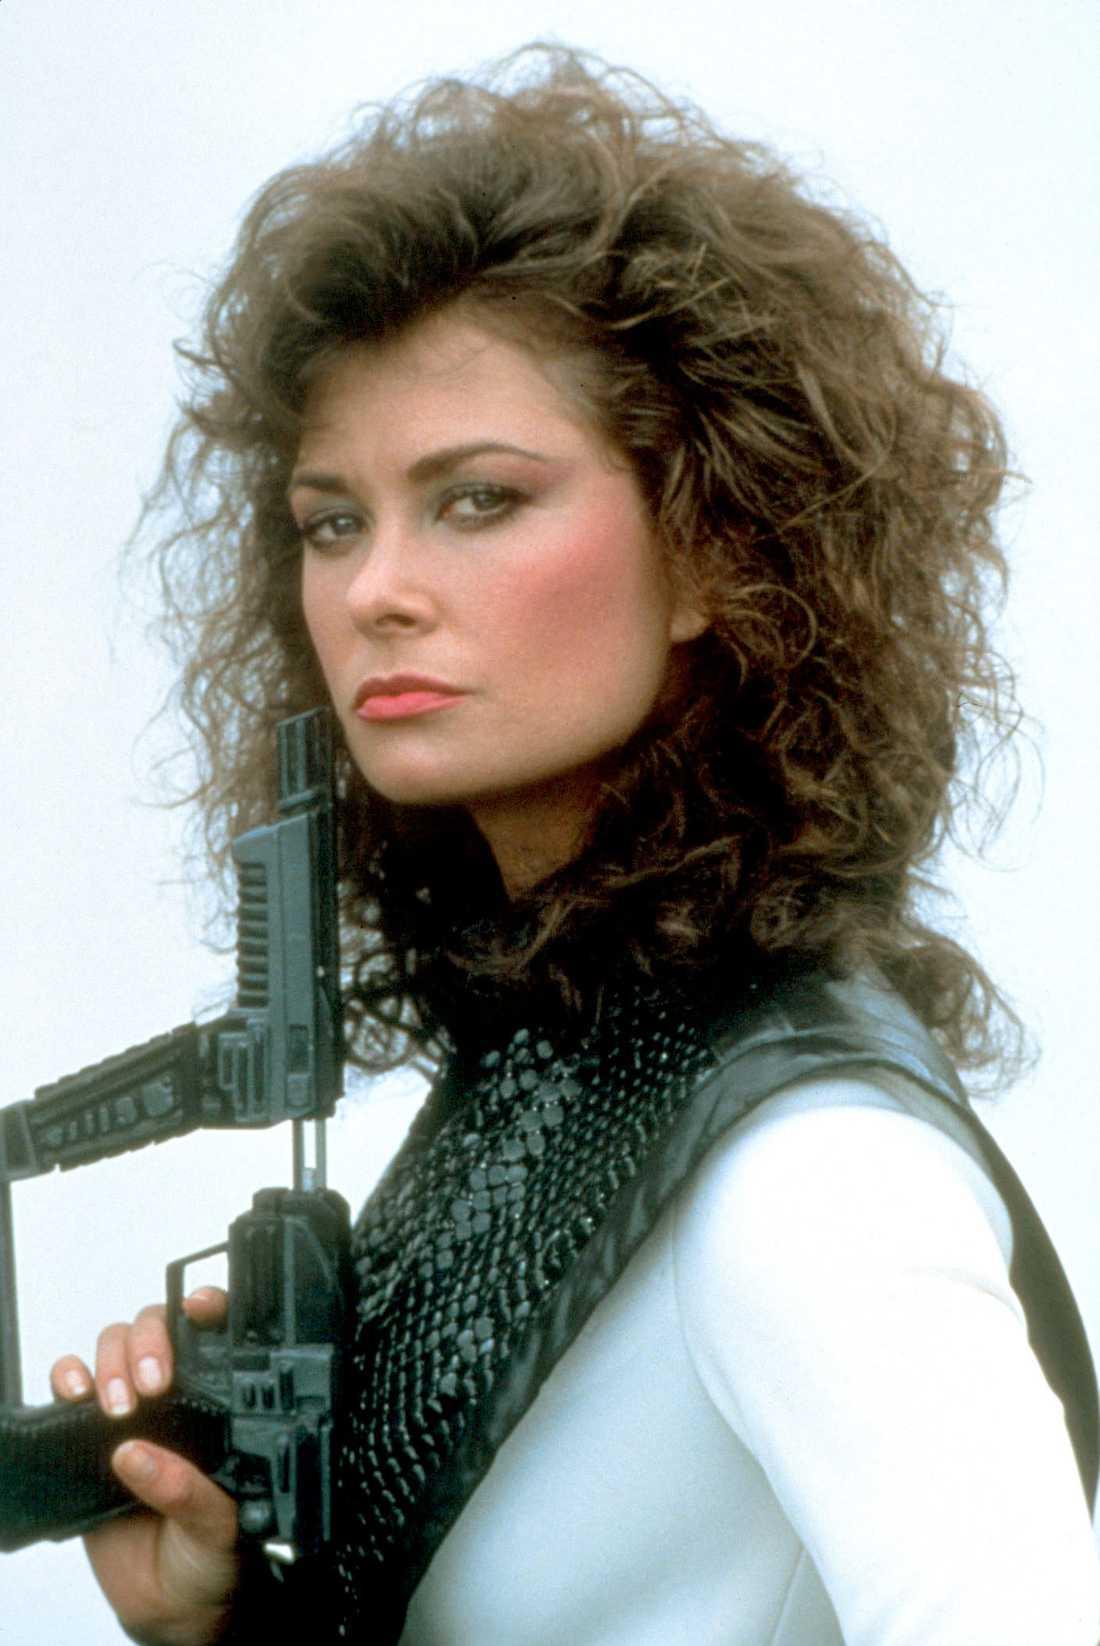 Skådespelaren Jane Badler är mor till den avlidne Harry Hains.